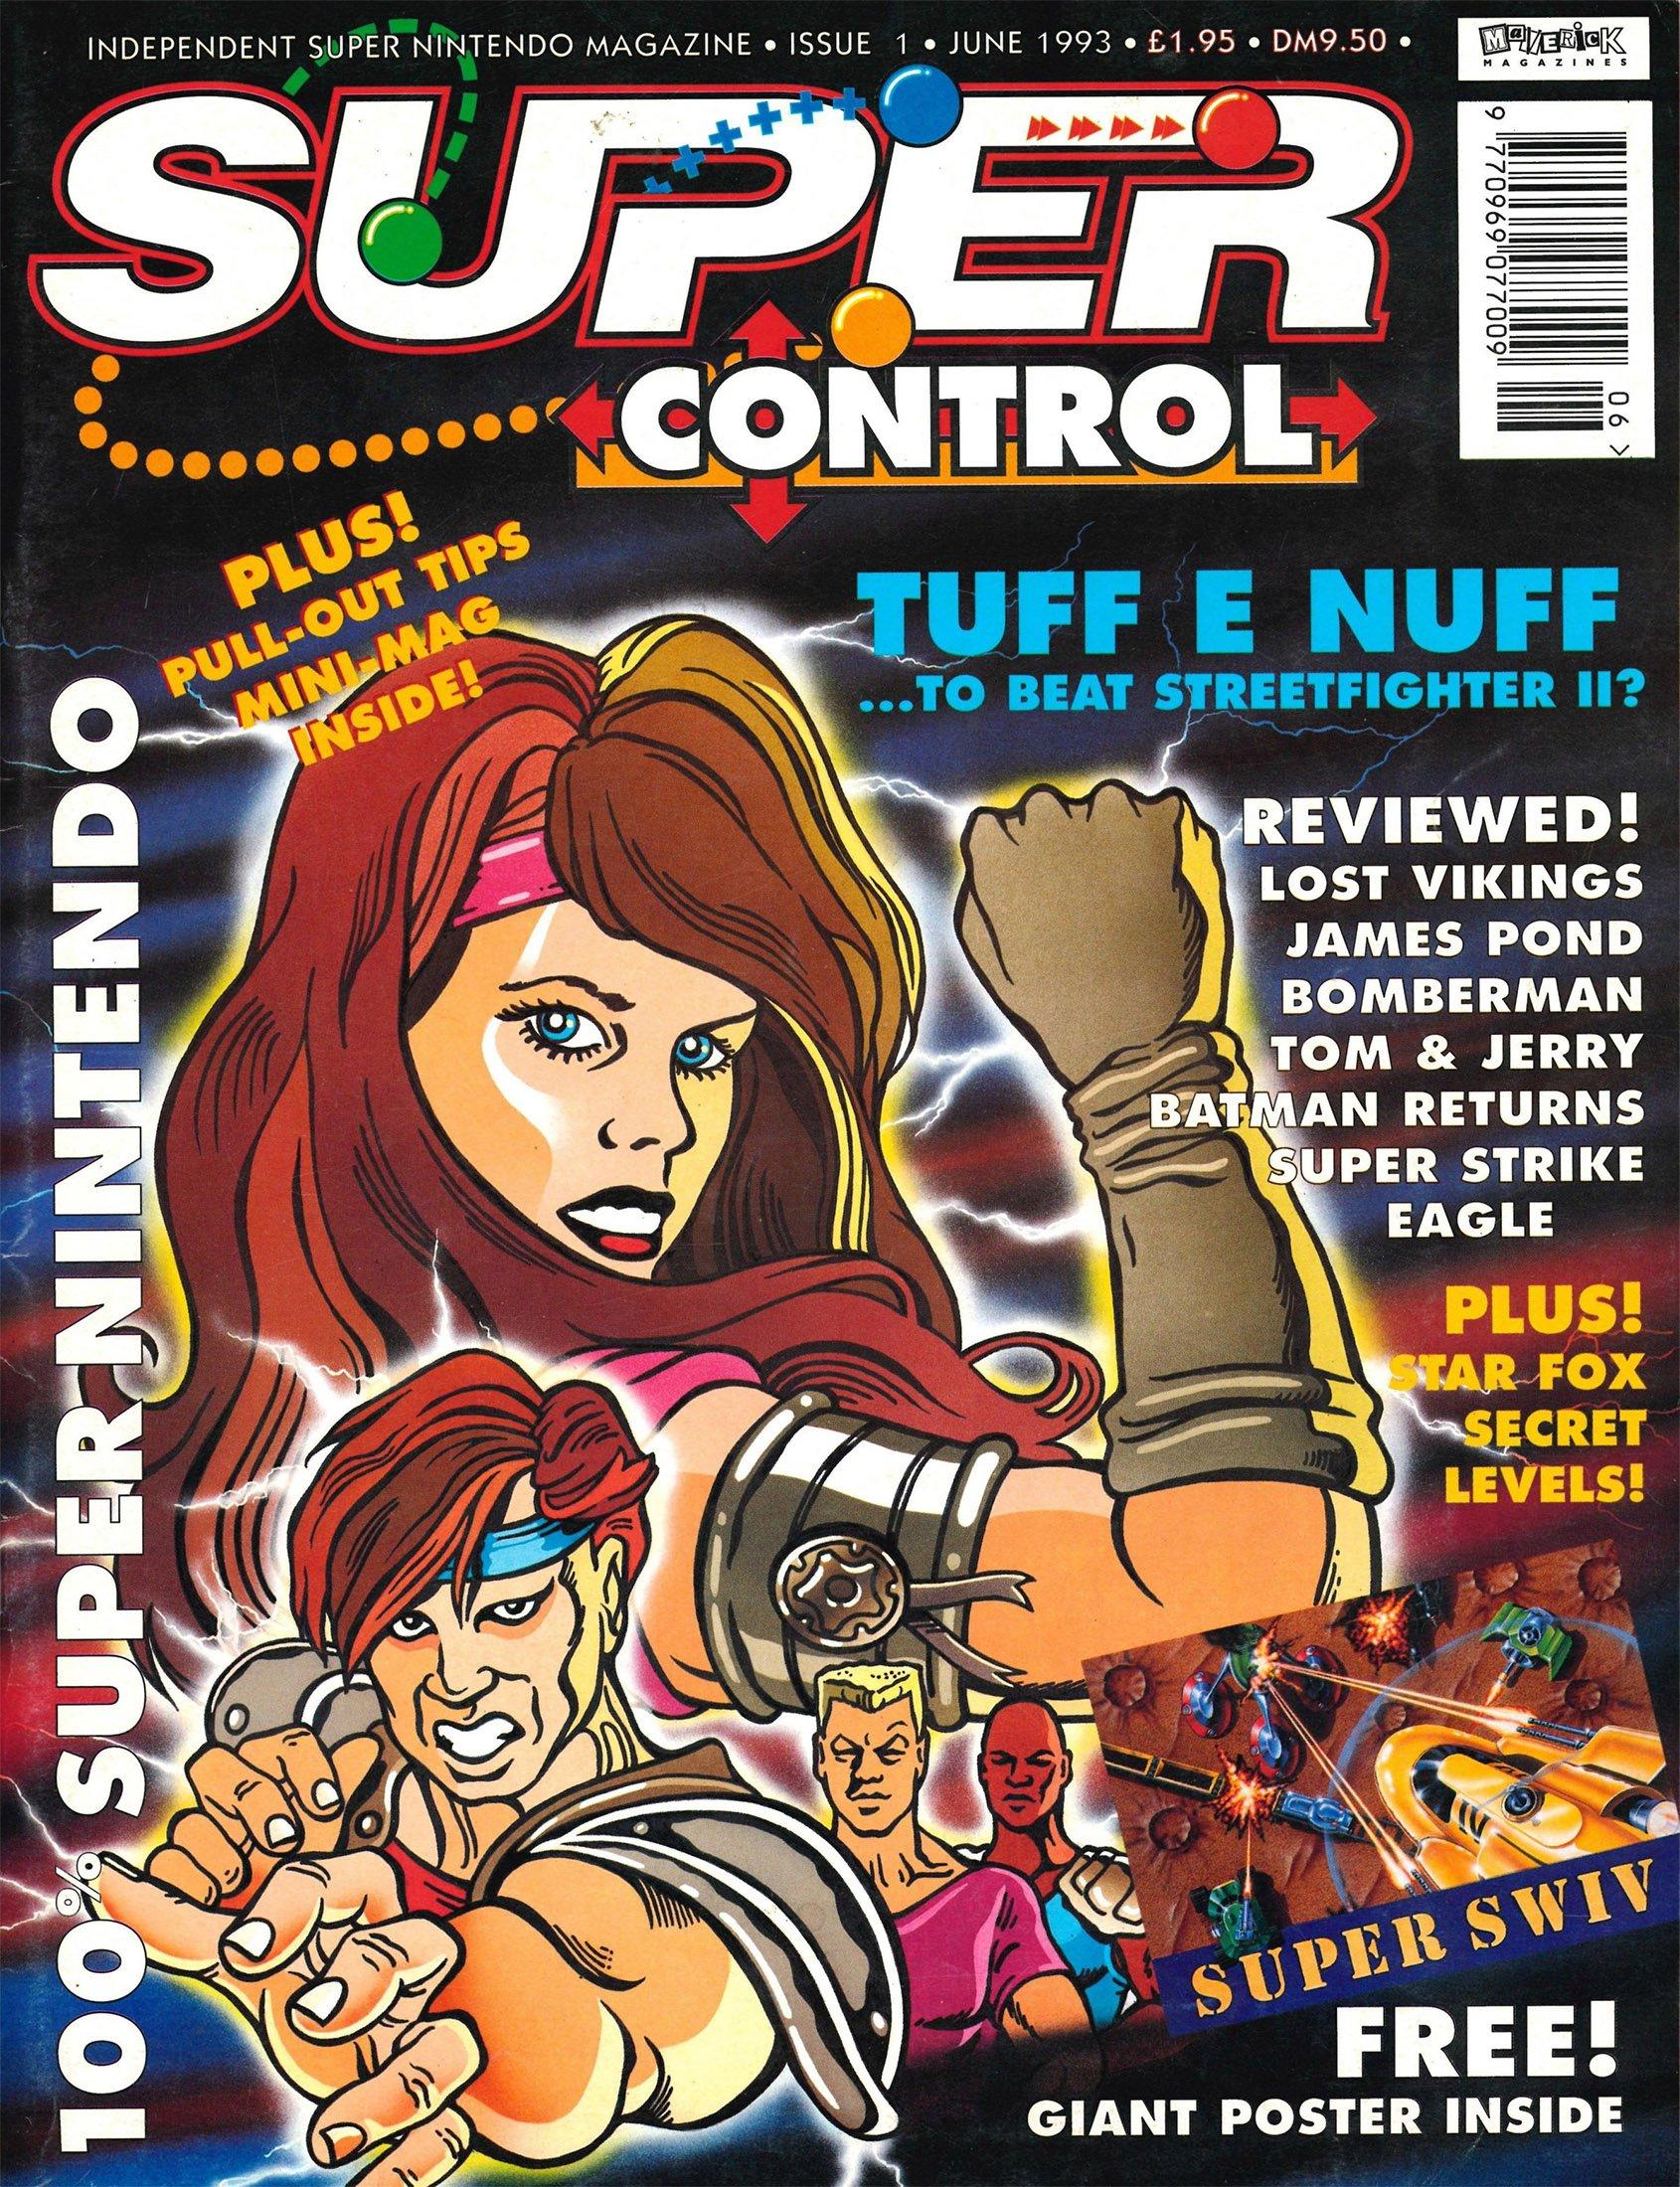 Super Control Issue 01 (June 1993)